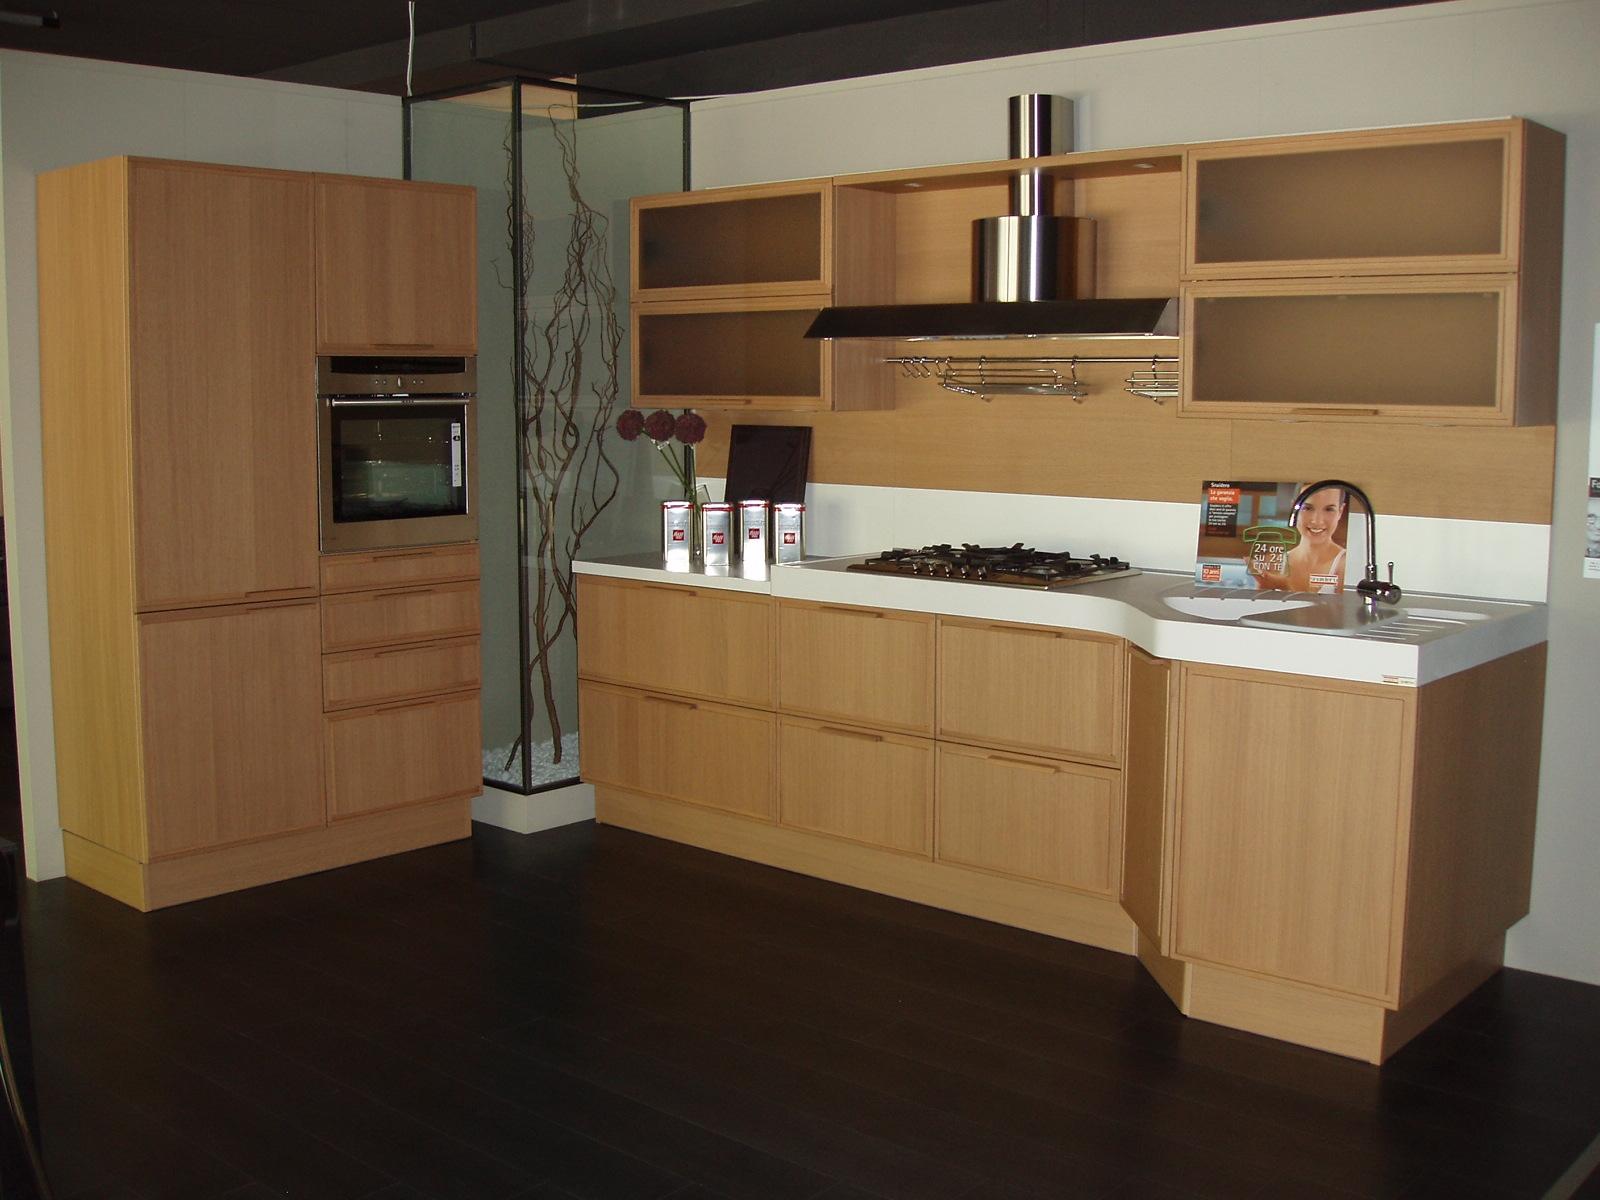 Cucina Snaidero Forma rovere light scontato del -60 % - Cucine a prezzi scontati